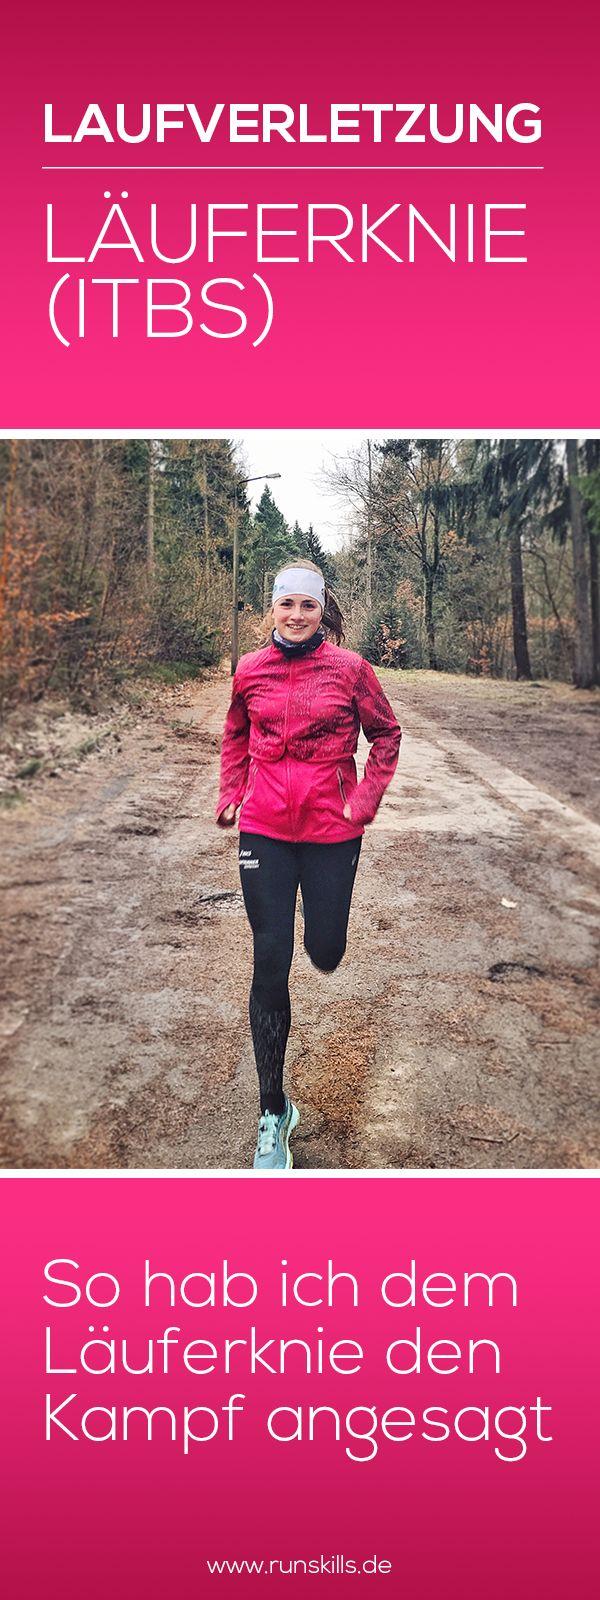 So hab ich dem Läuferknie (ITBS) den Kampf angesagt! – runskills – Laufen, Marathon Tipps, Fitness und Ernährung